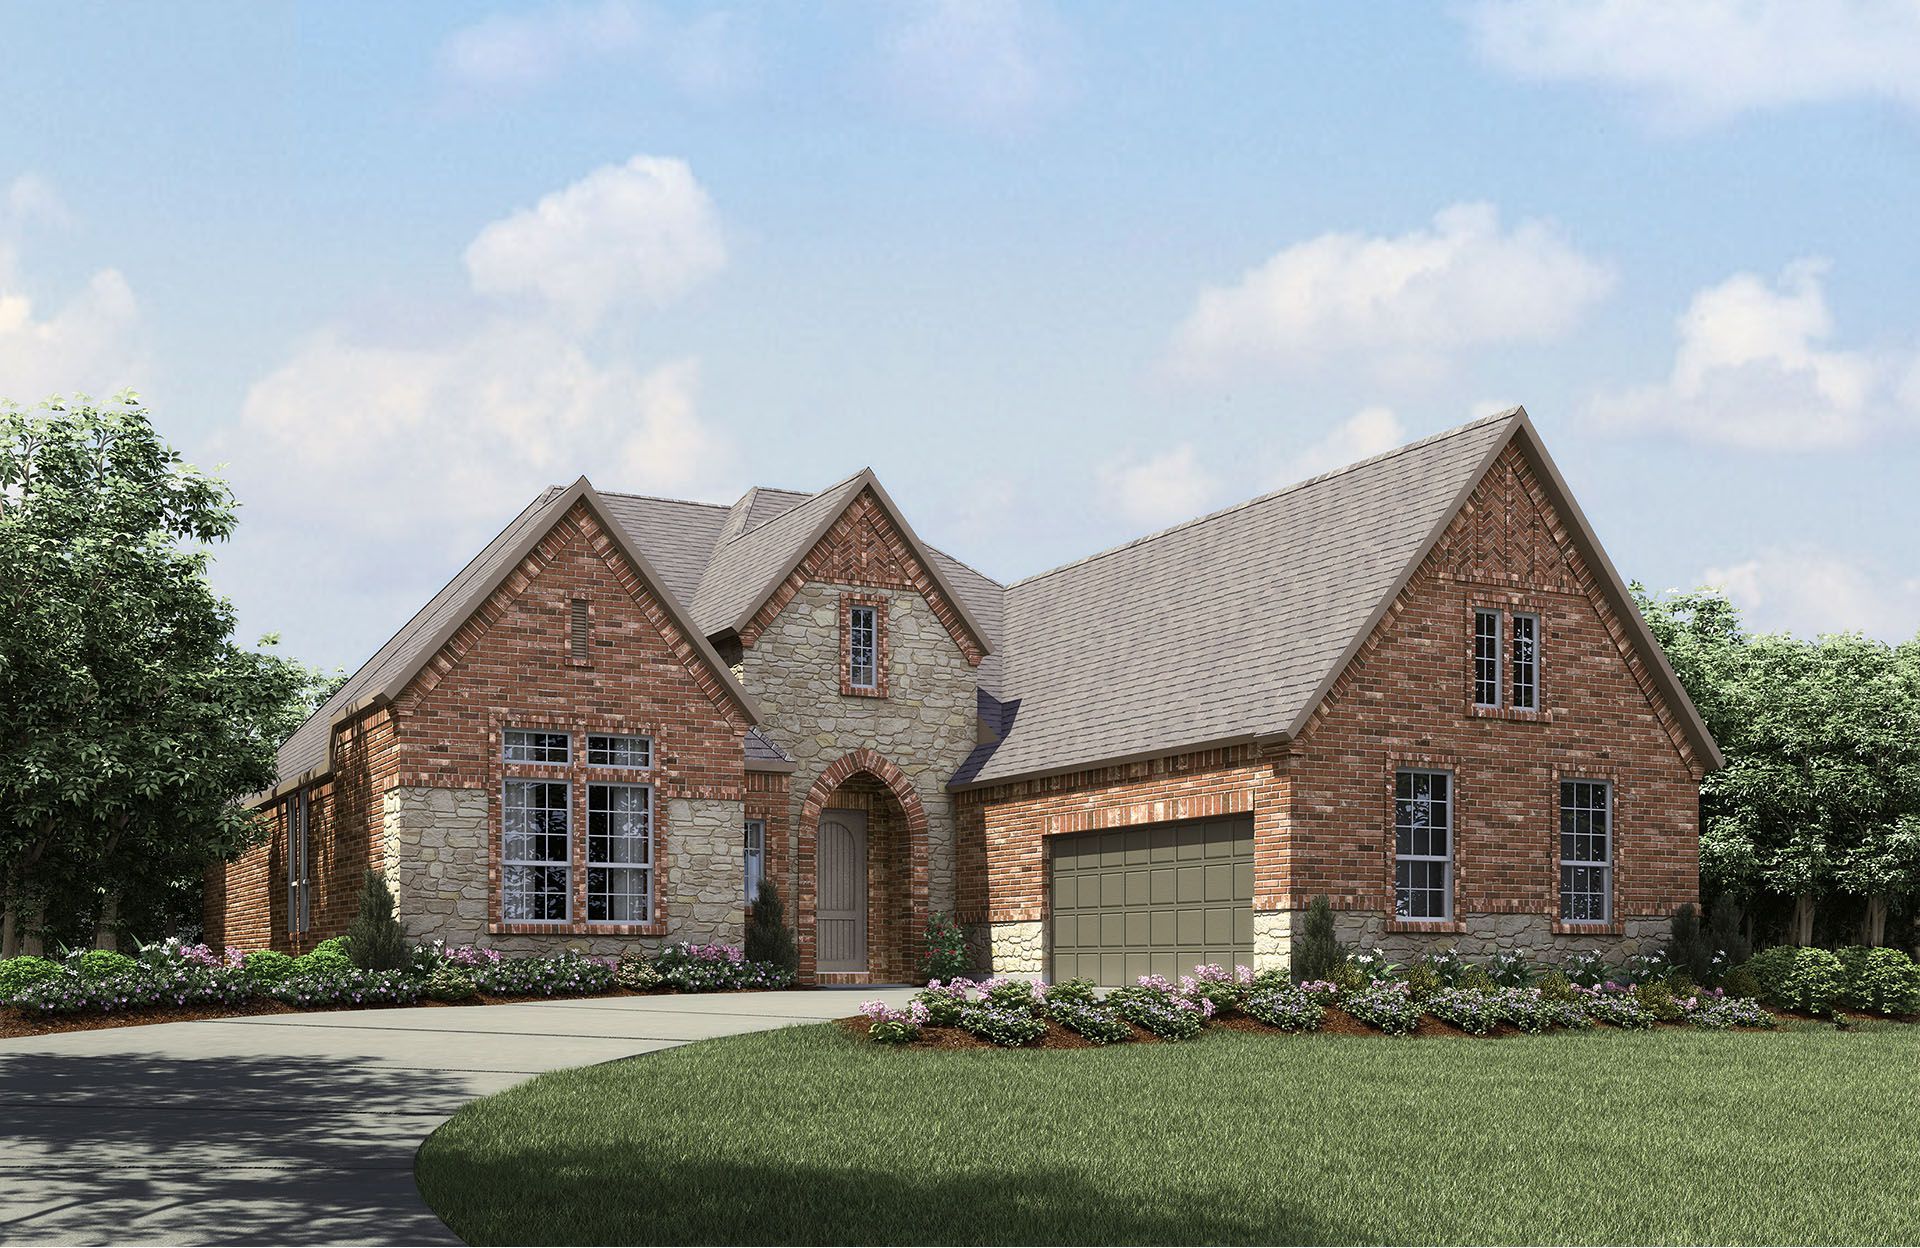 Single Family for Sale at Nine Oaks - Penmar J 611 Oak Grove Lane Coppell, Texas 75019 United States